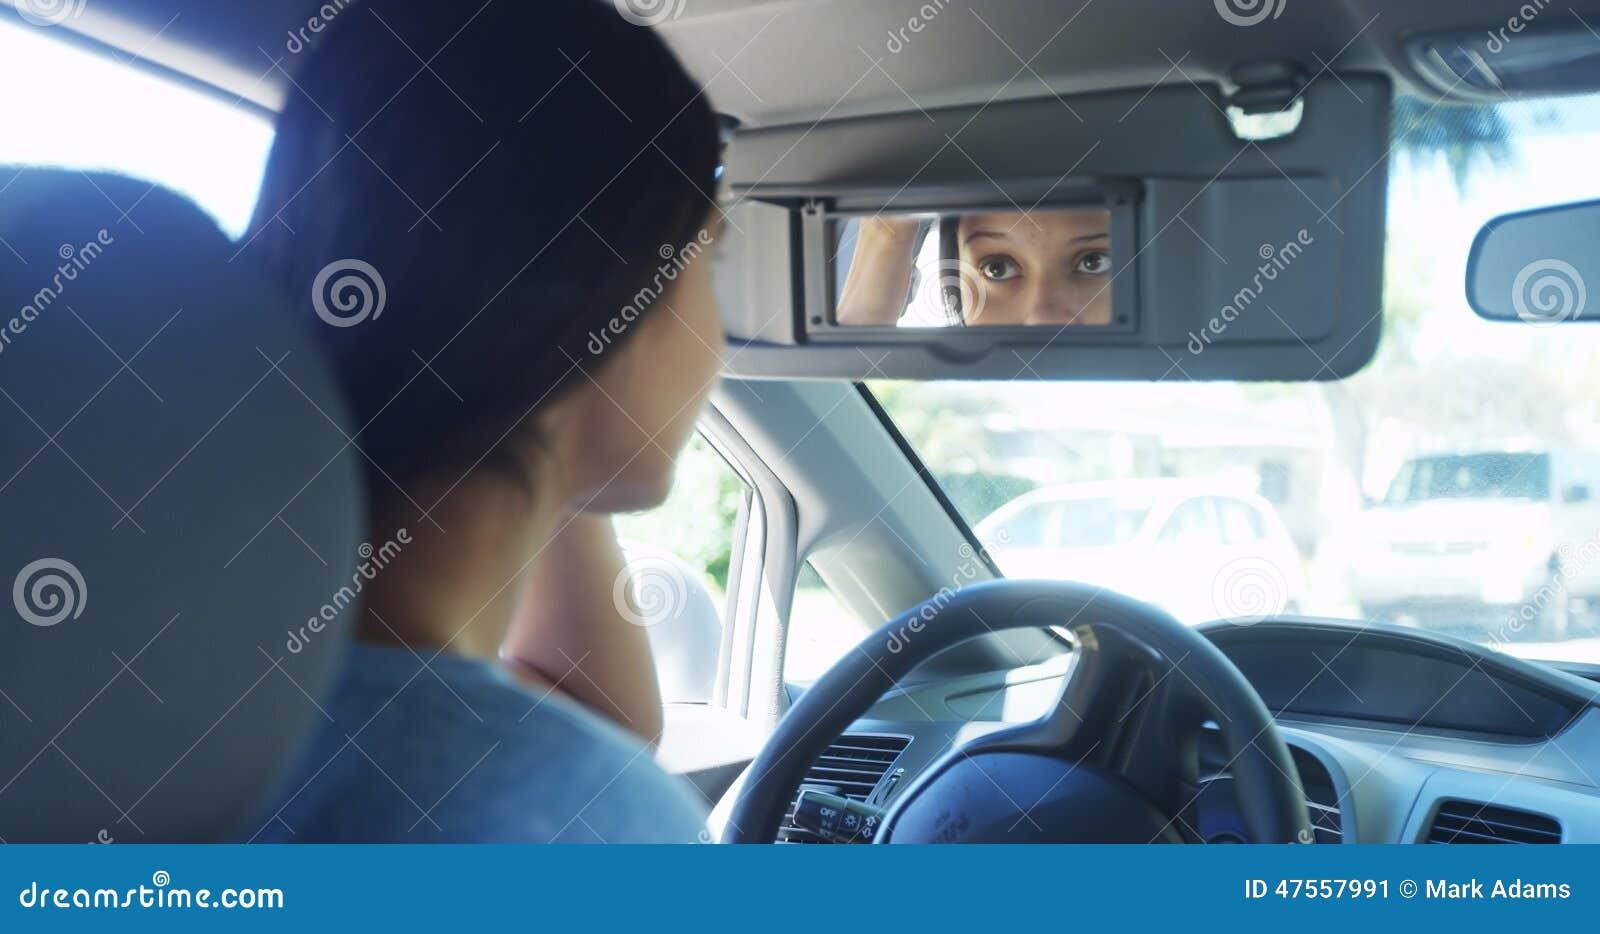 Spiegel Make Up : Junge frau die im auto überprüft ihr make up im spiegel sitzt